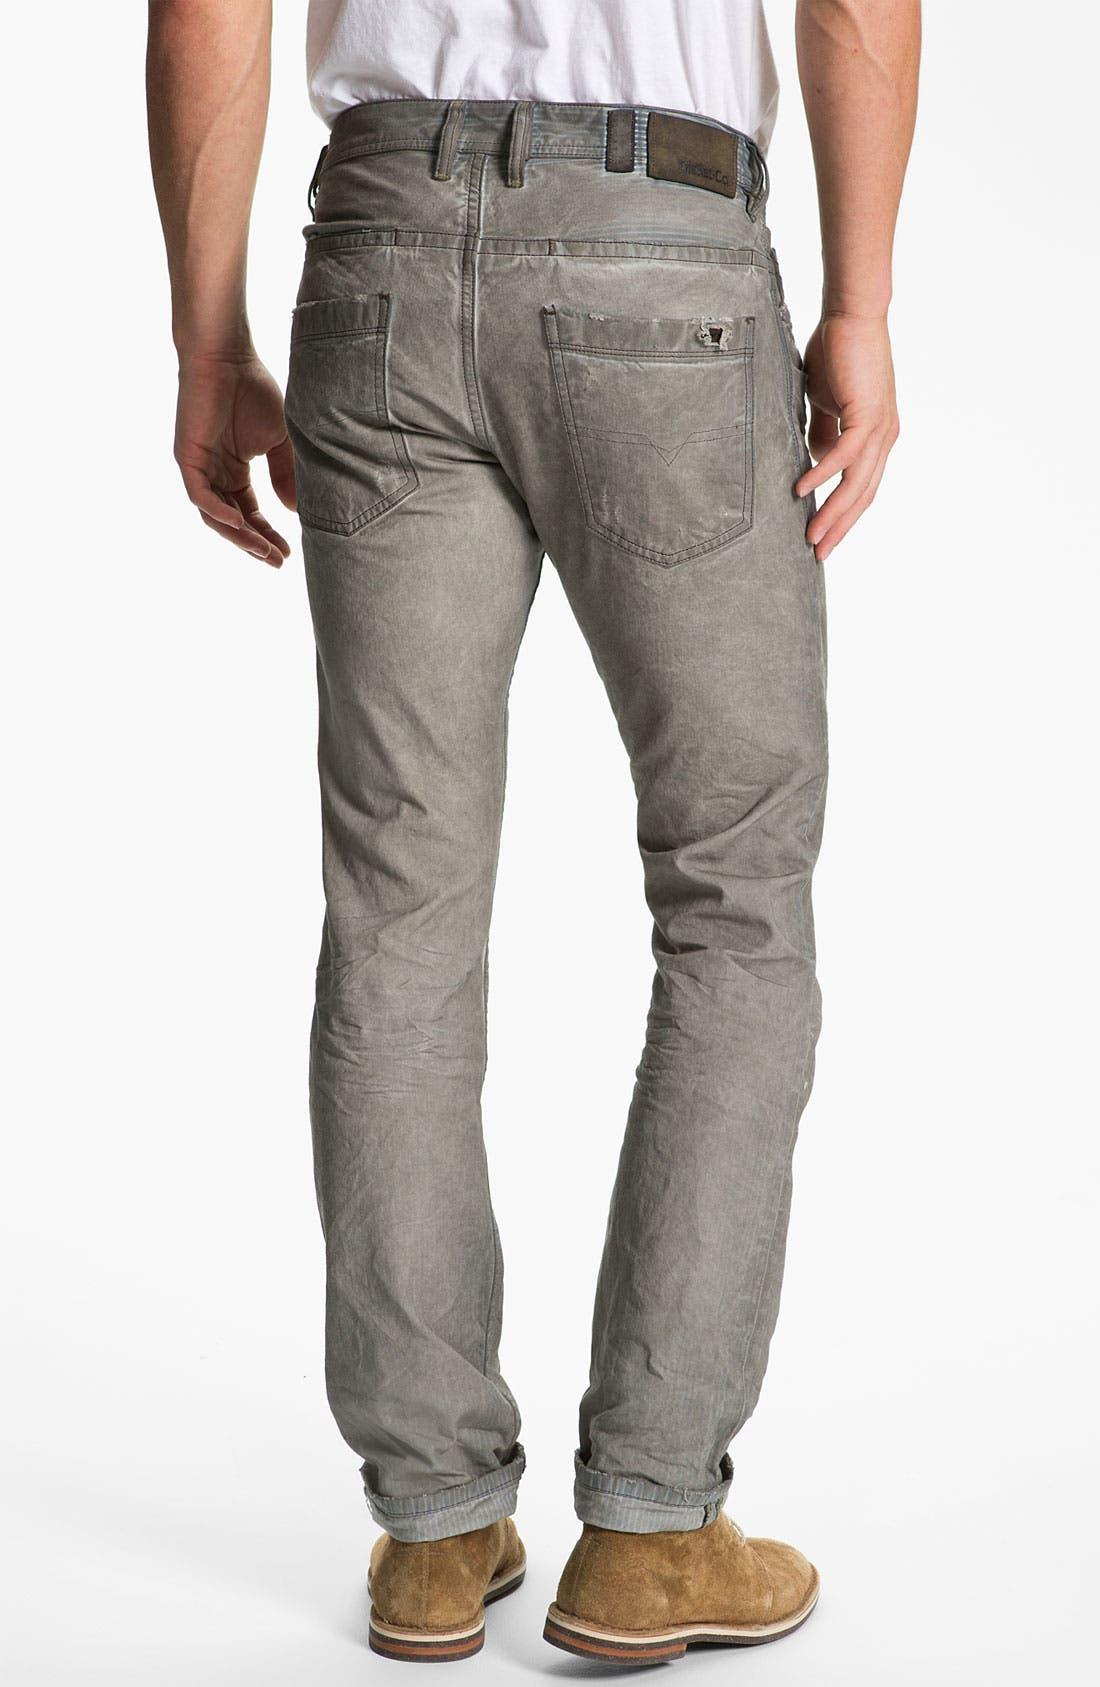 Alternate Image 1 Selected - DIESEL® 'Braddom' Slim Tapered Leg Jeans (Chocolate Grey)